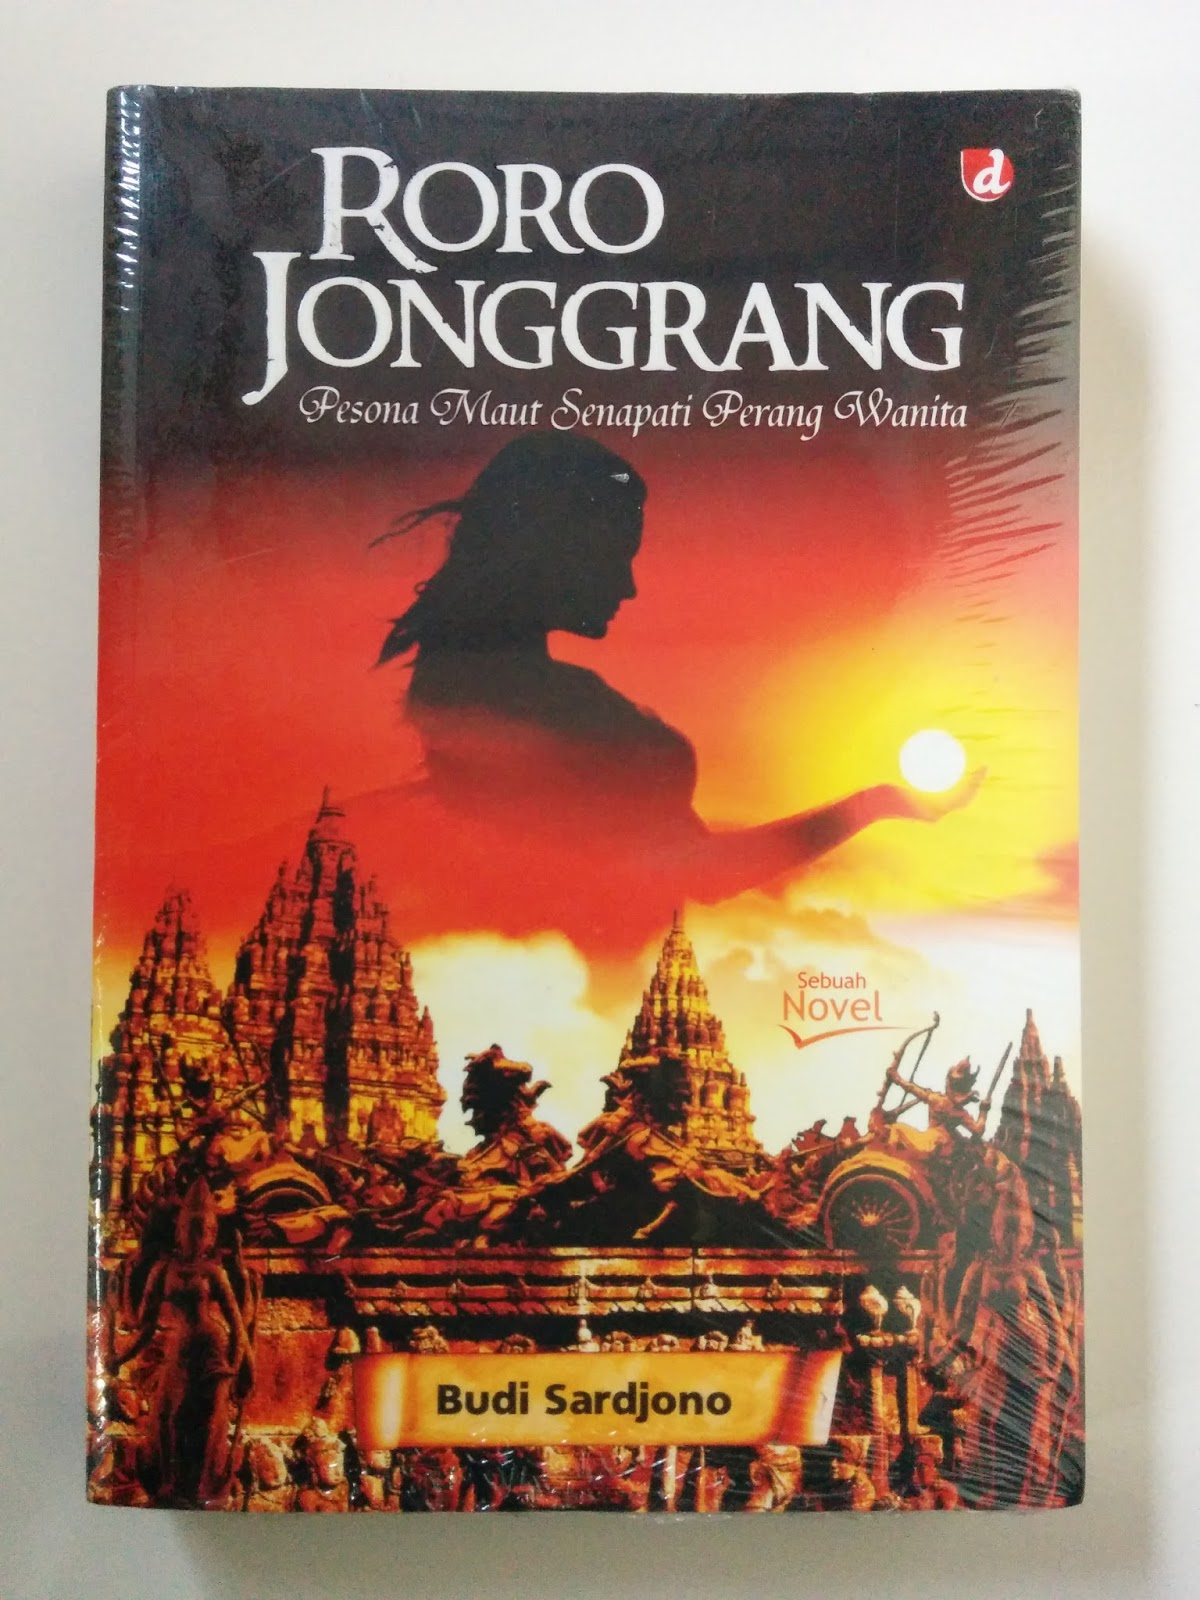 roro jonggrang Candi prambanan di di yogyakarta merupakan salah satu destinasi favorit wisatawan selain itu, prambanan juga memiliki mitos roro jonggrang.